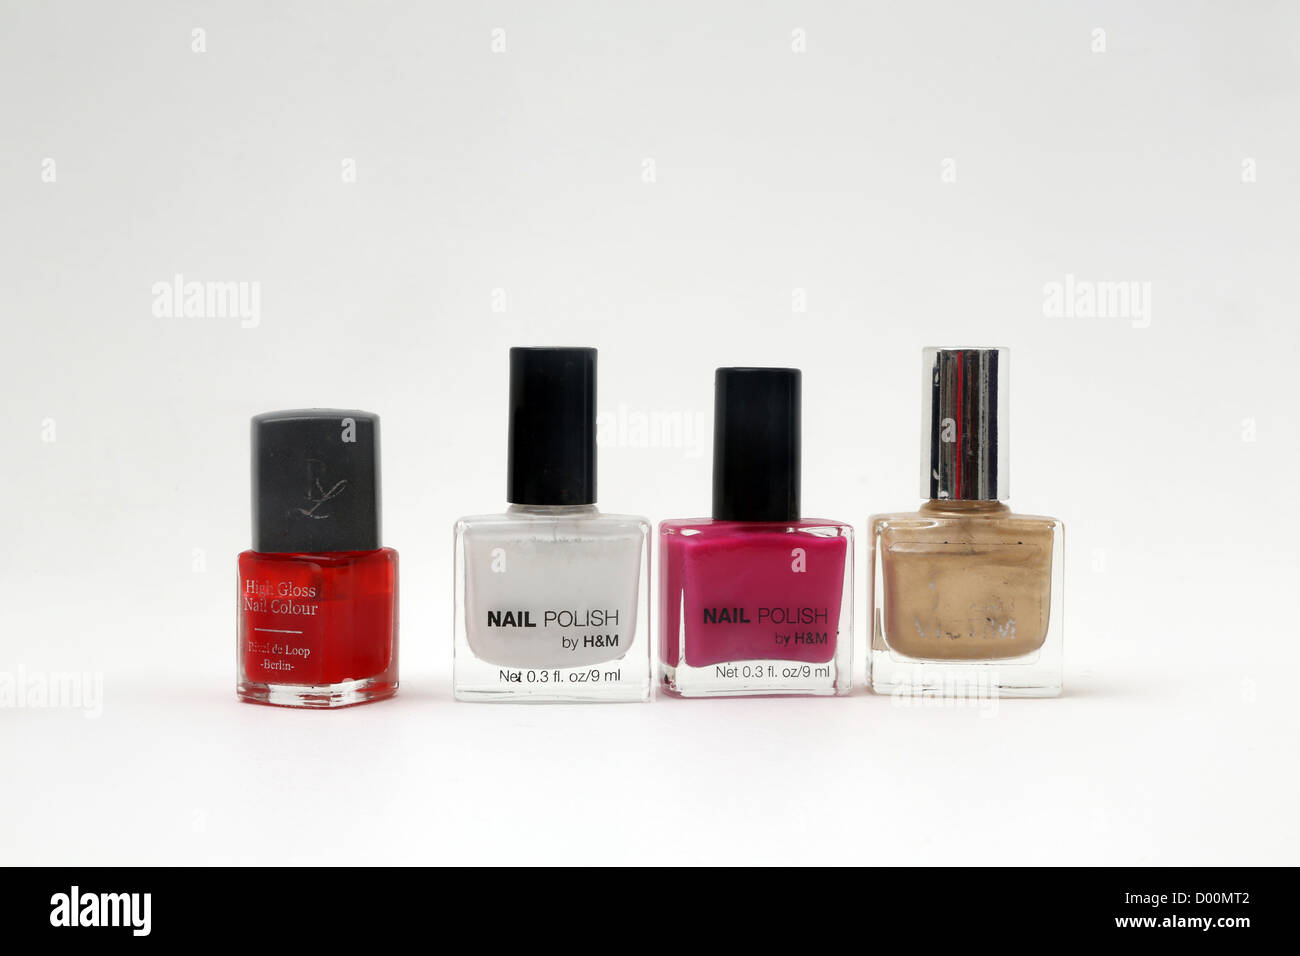 White Nail Polish Stockfotos & White Nail Polish Bilder - Alamy